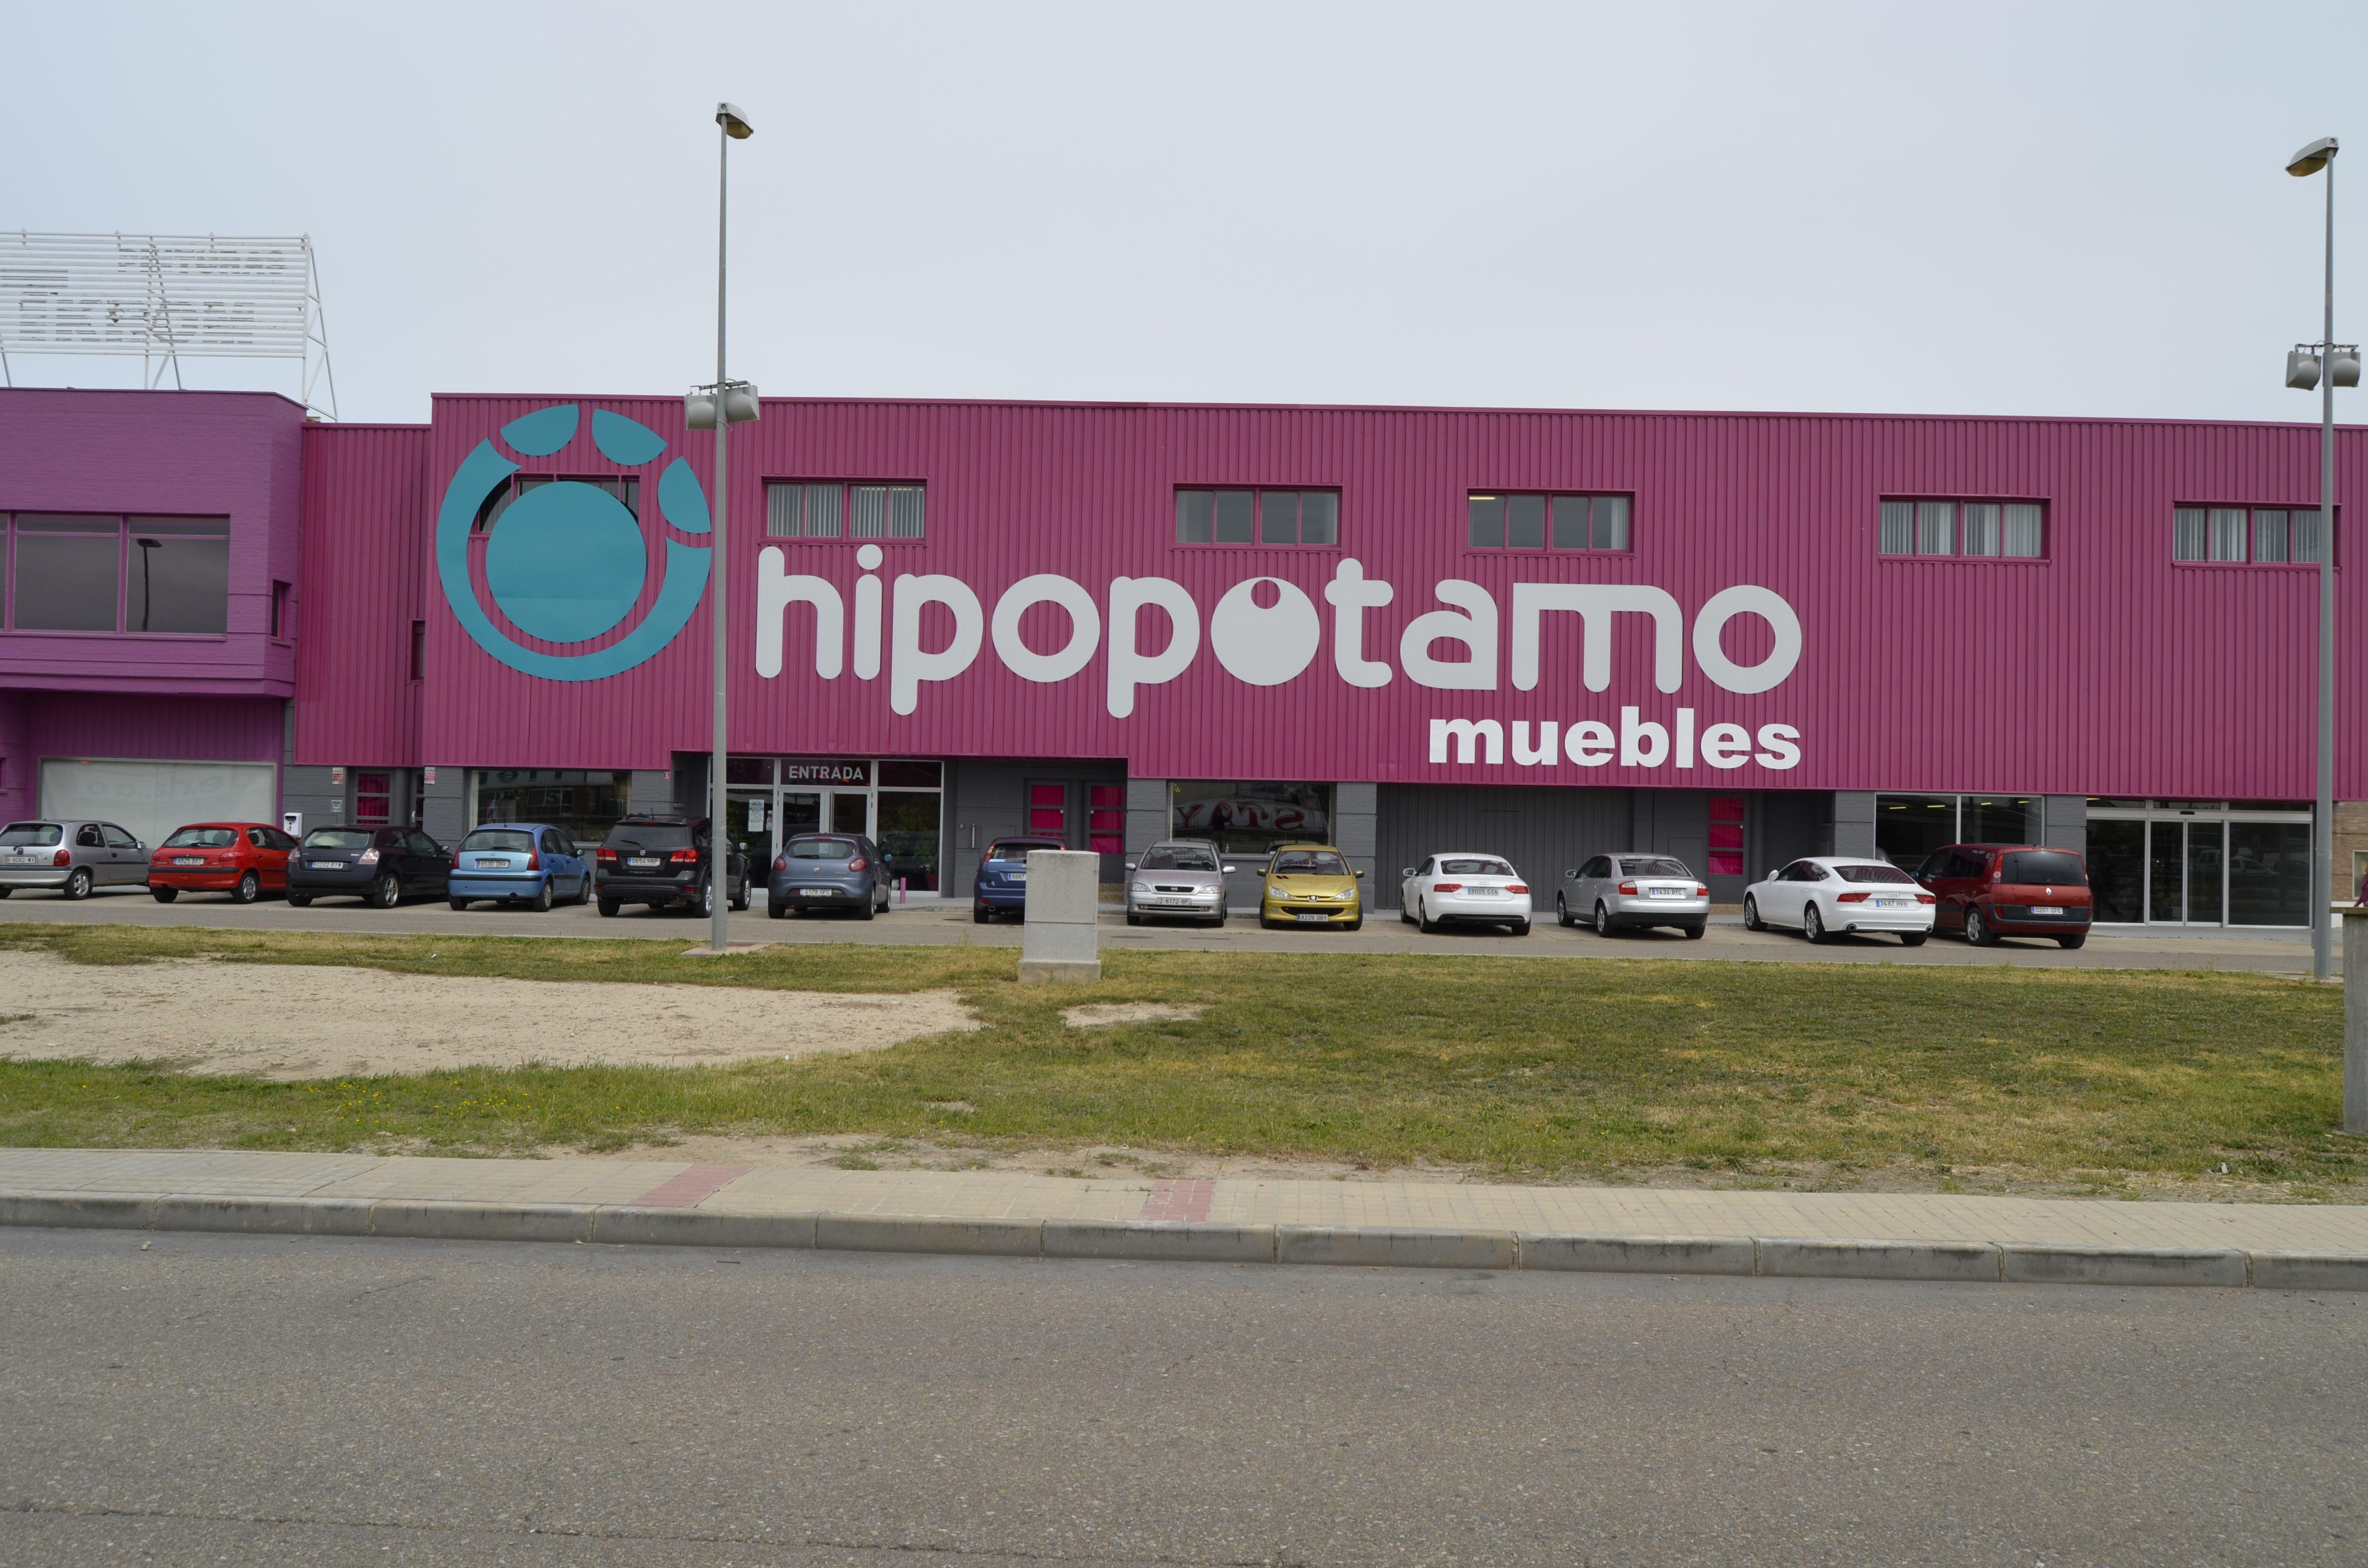 Tienda Situada En La Carretera De Logro O Km 8 3 Pol Gono El  # Muebles Hipopotamo